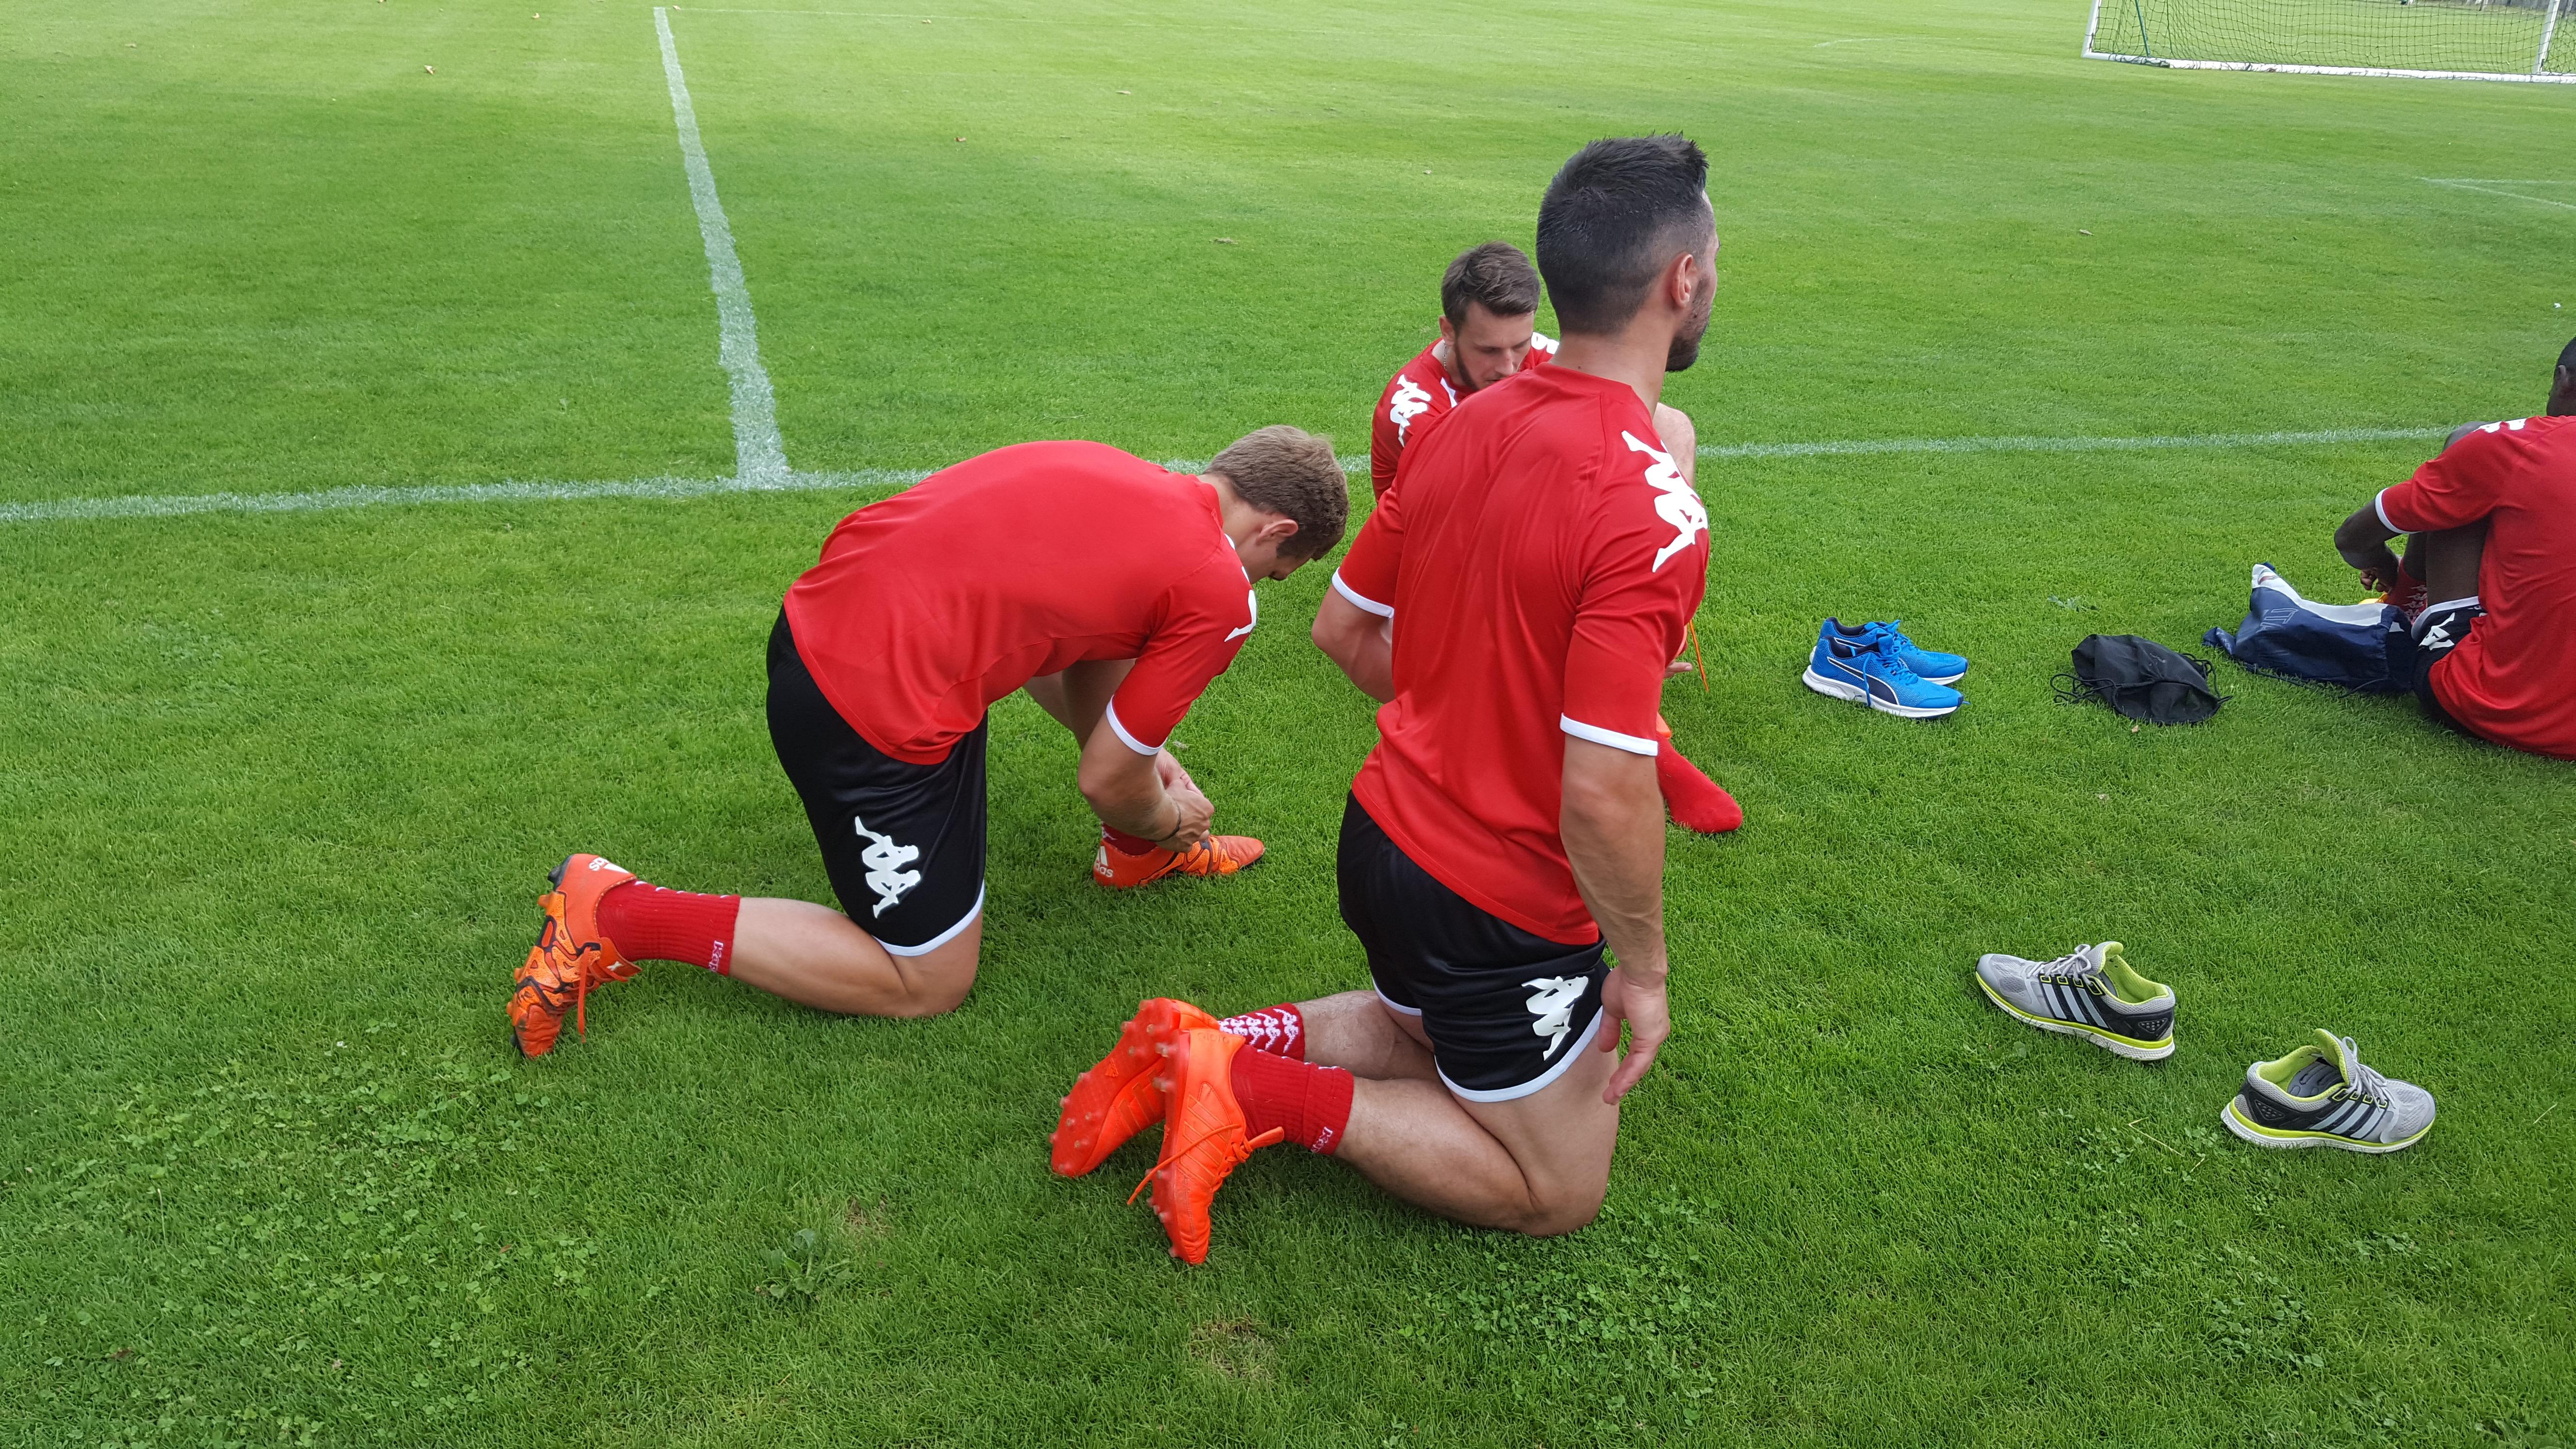 Reprise du Limoges FC, Chercheunclub (16)